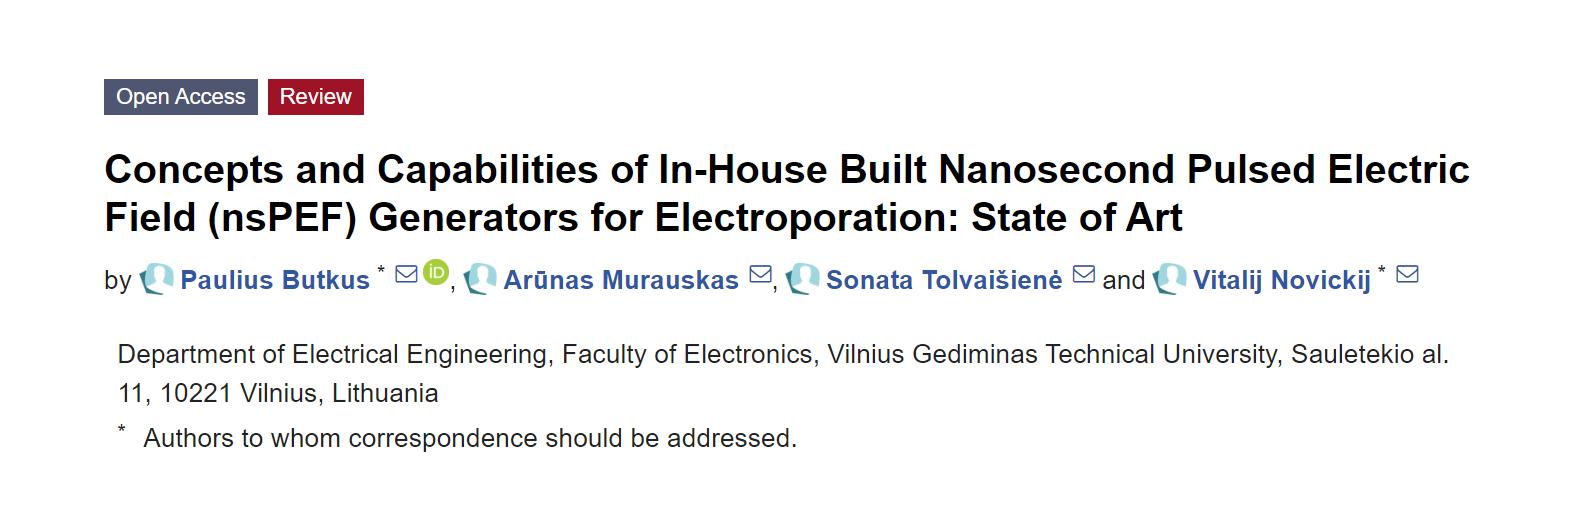 新型纳秒脉冲电场发生器,可广泛用于生物医学和生物技术领域!